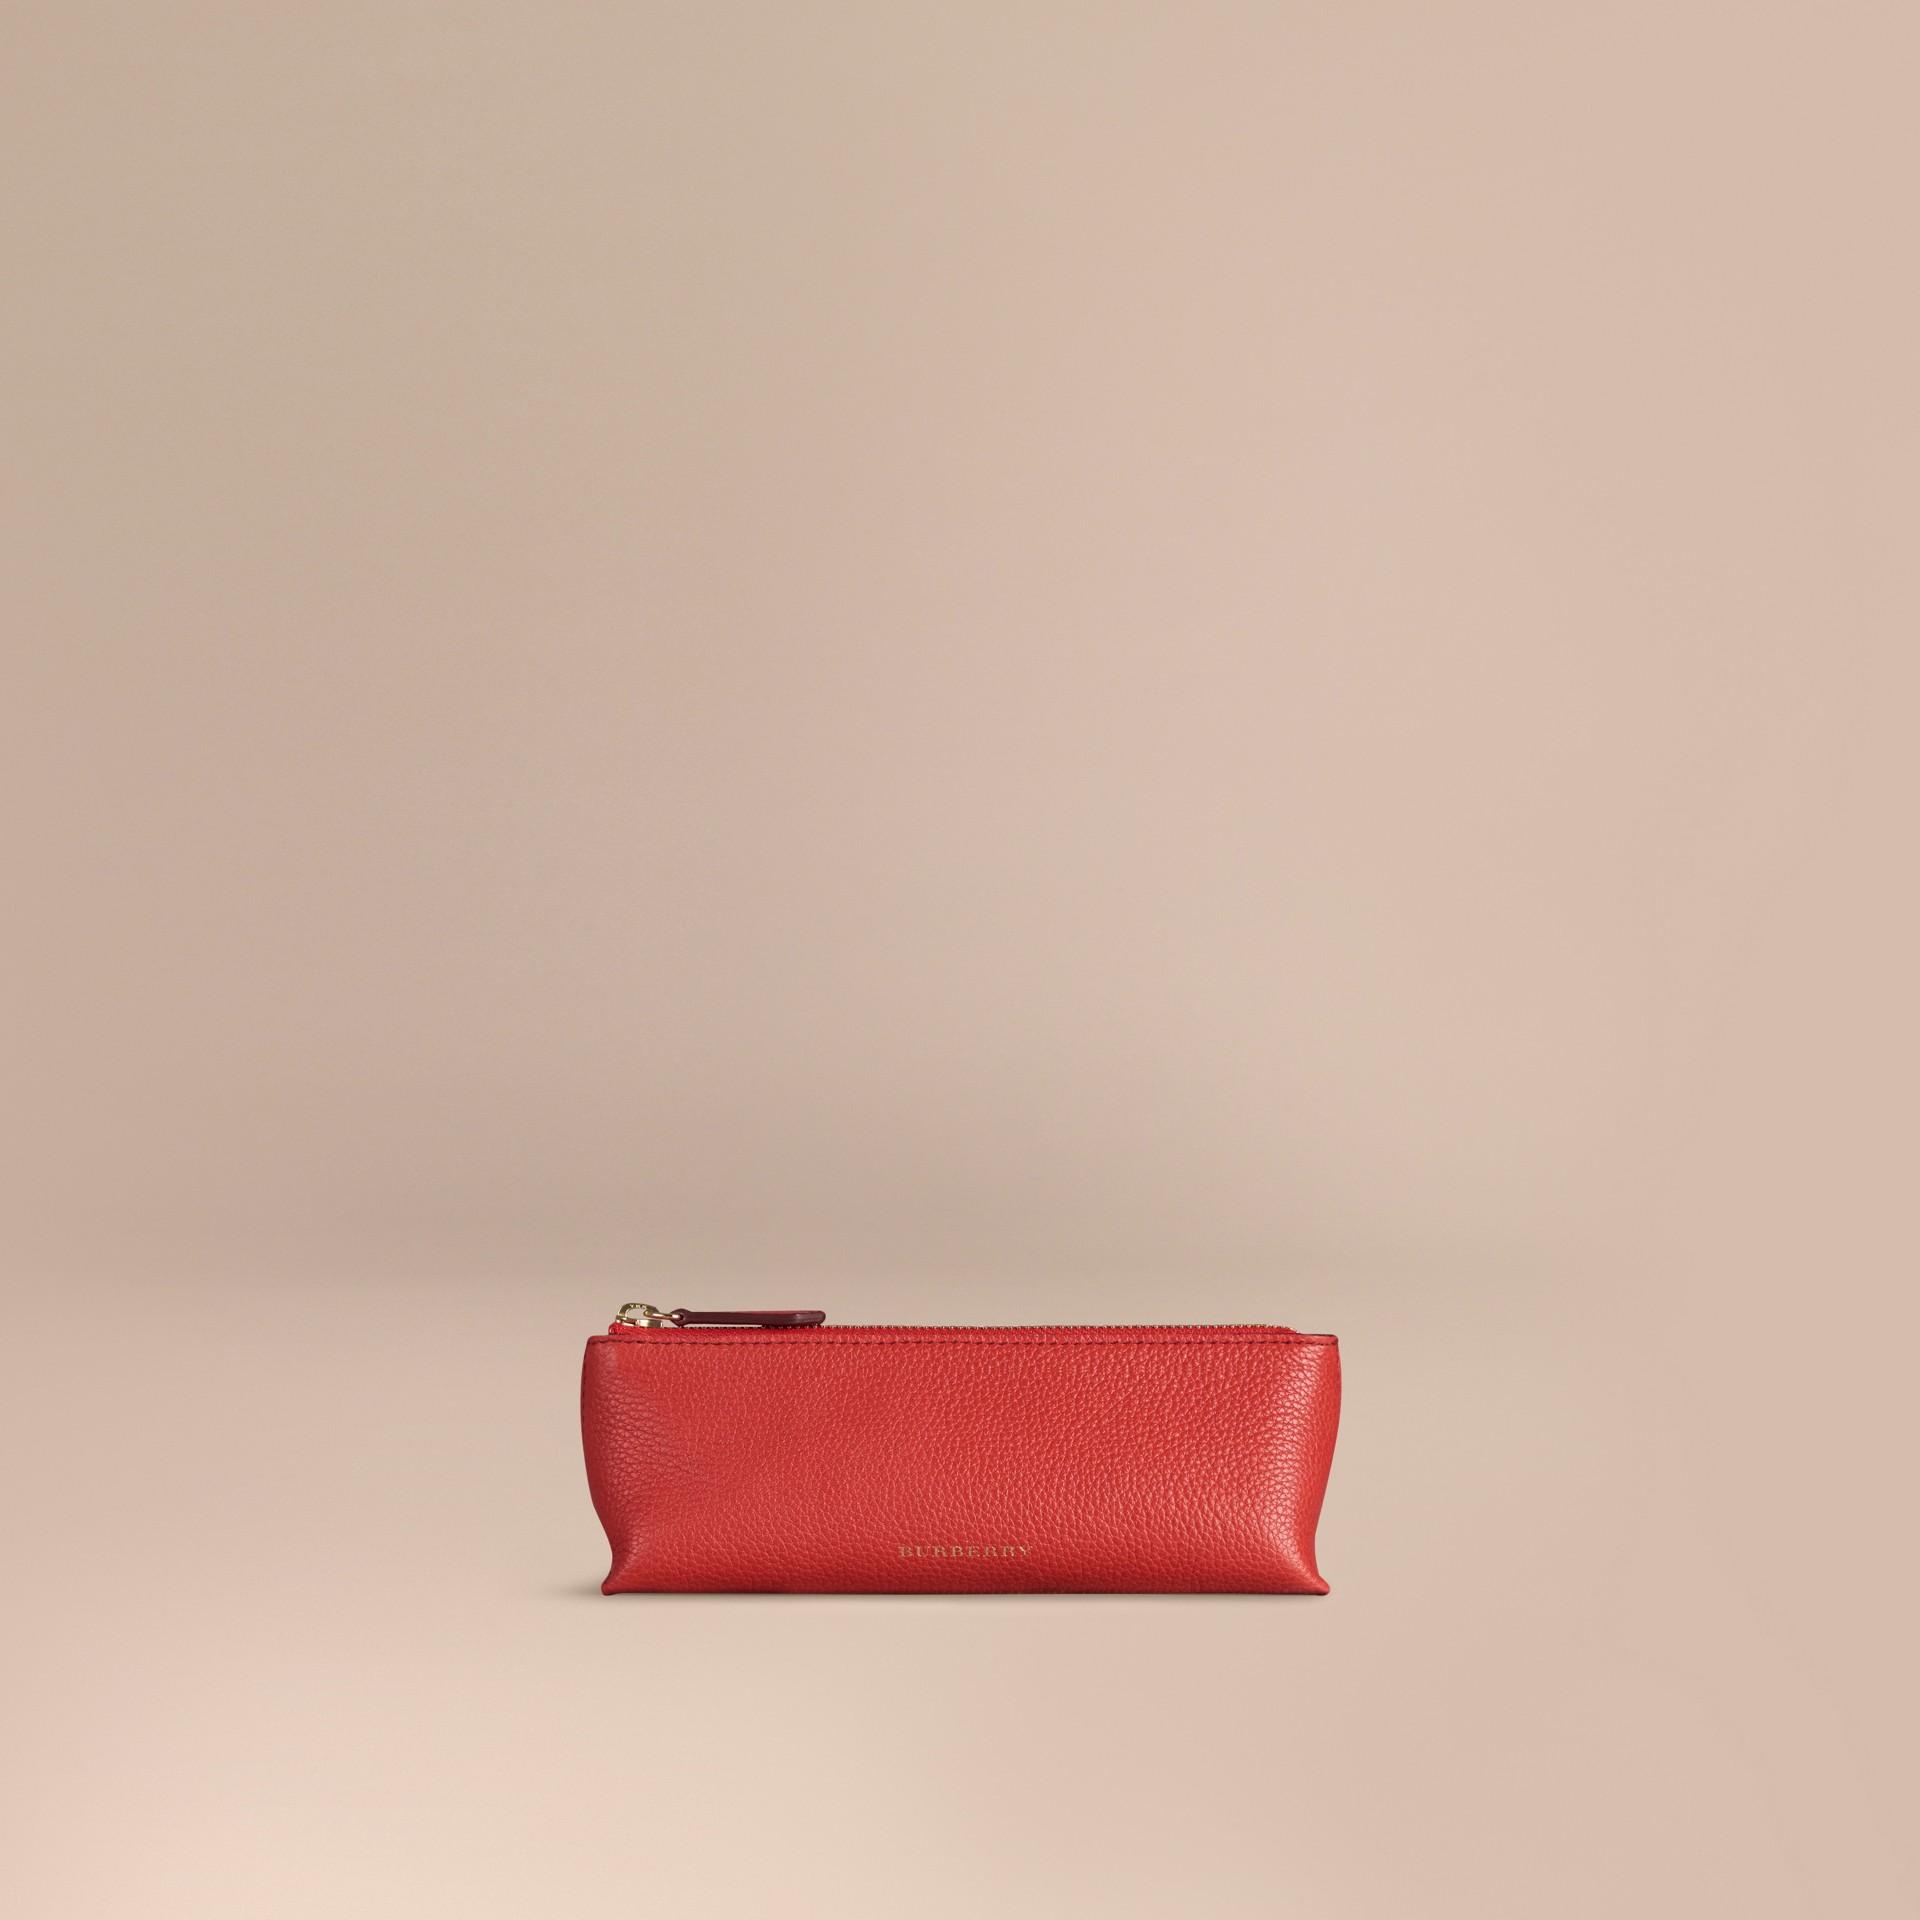 Rouge orangé Petite pochette pour accessoires numériques en cuir grainé Rouge Orangé - photo de la galerie 1